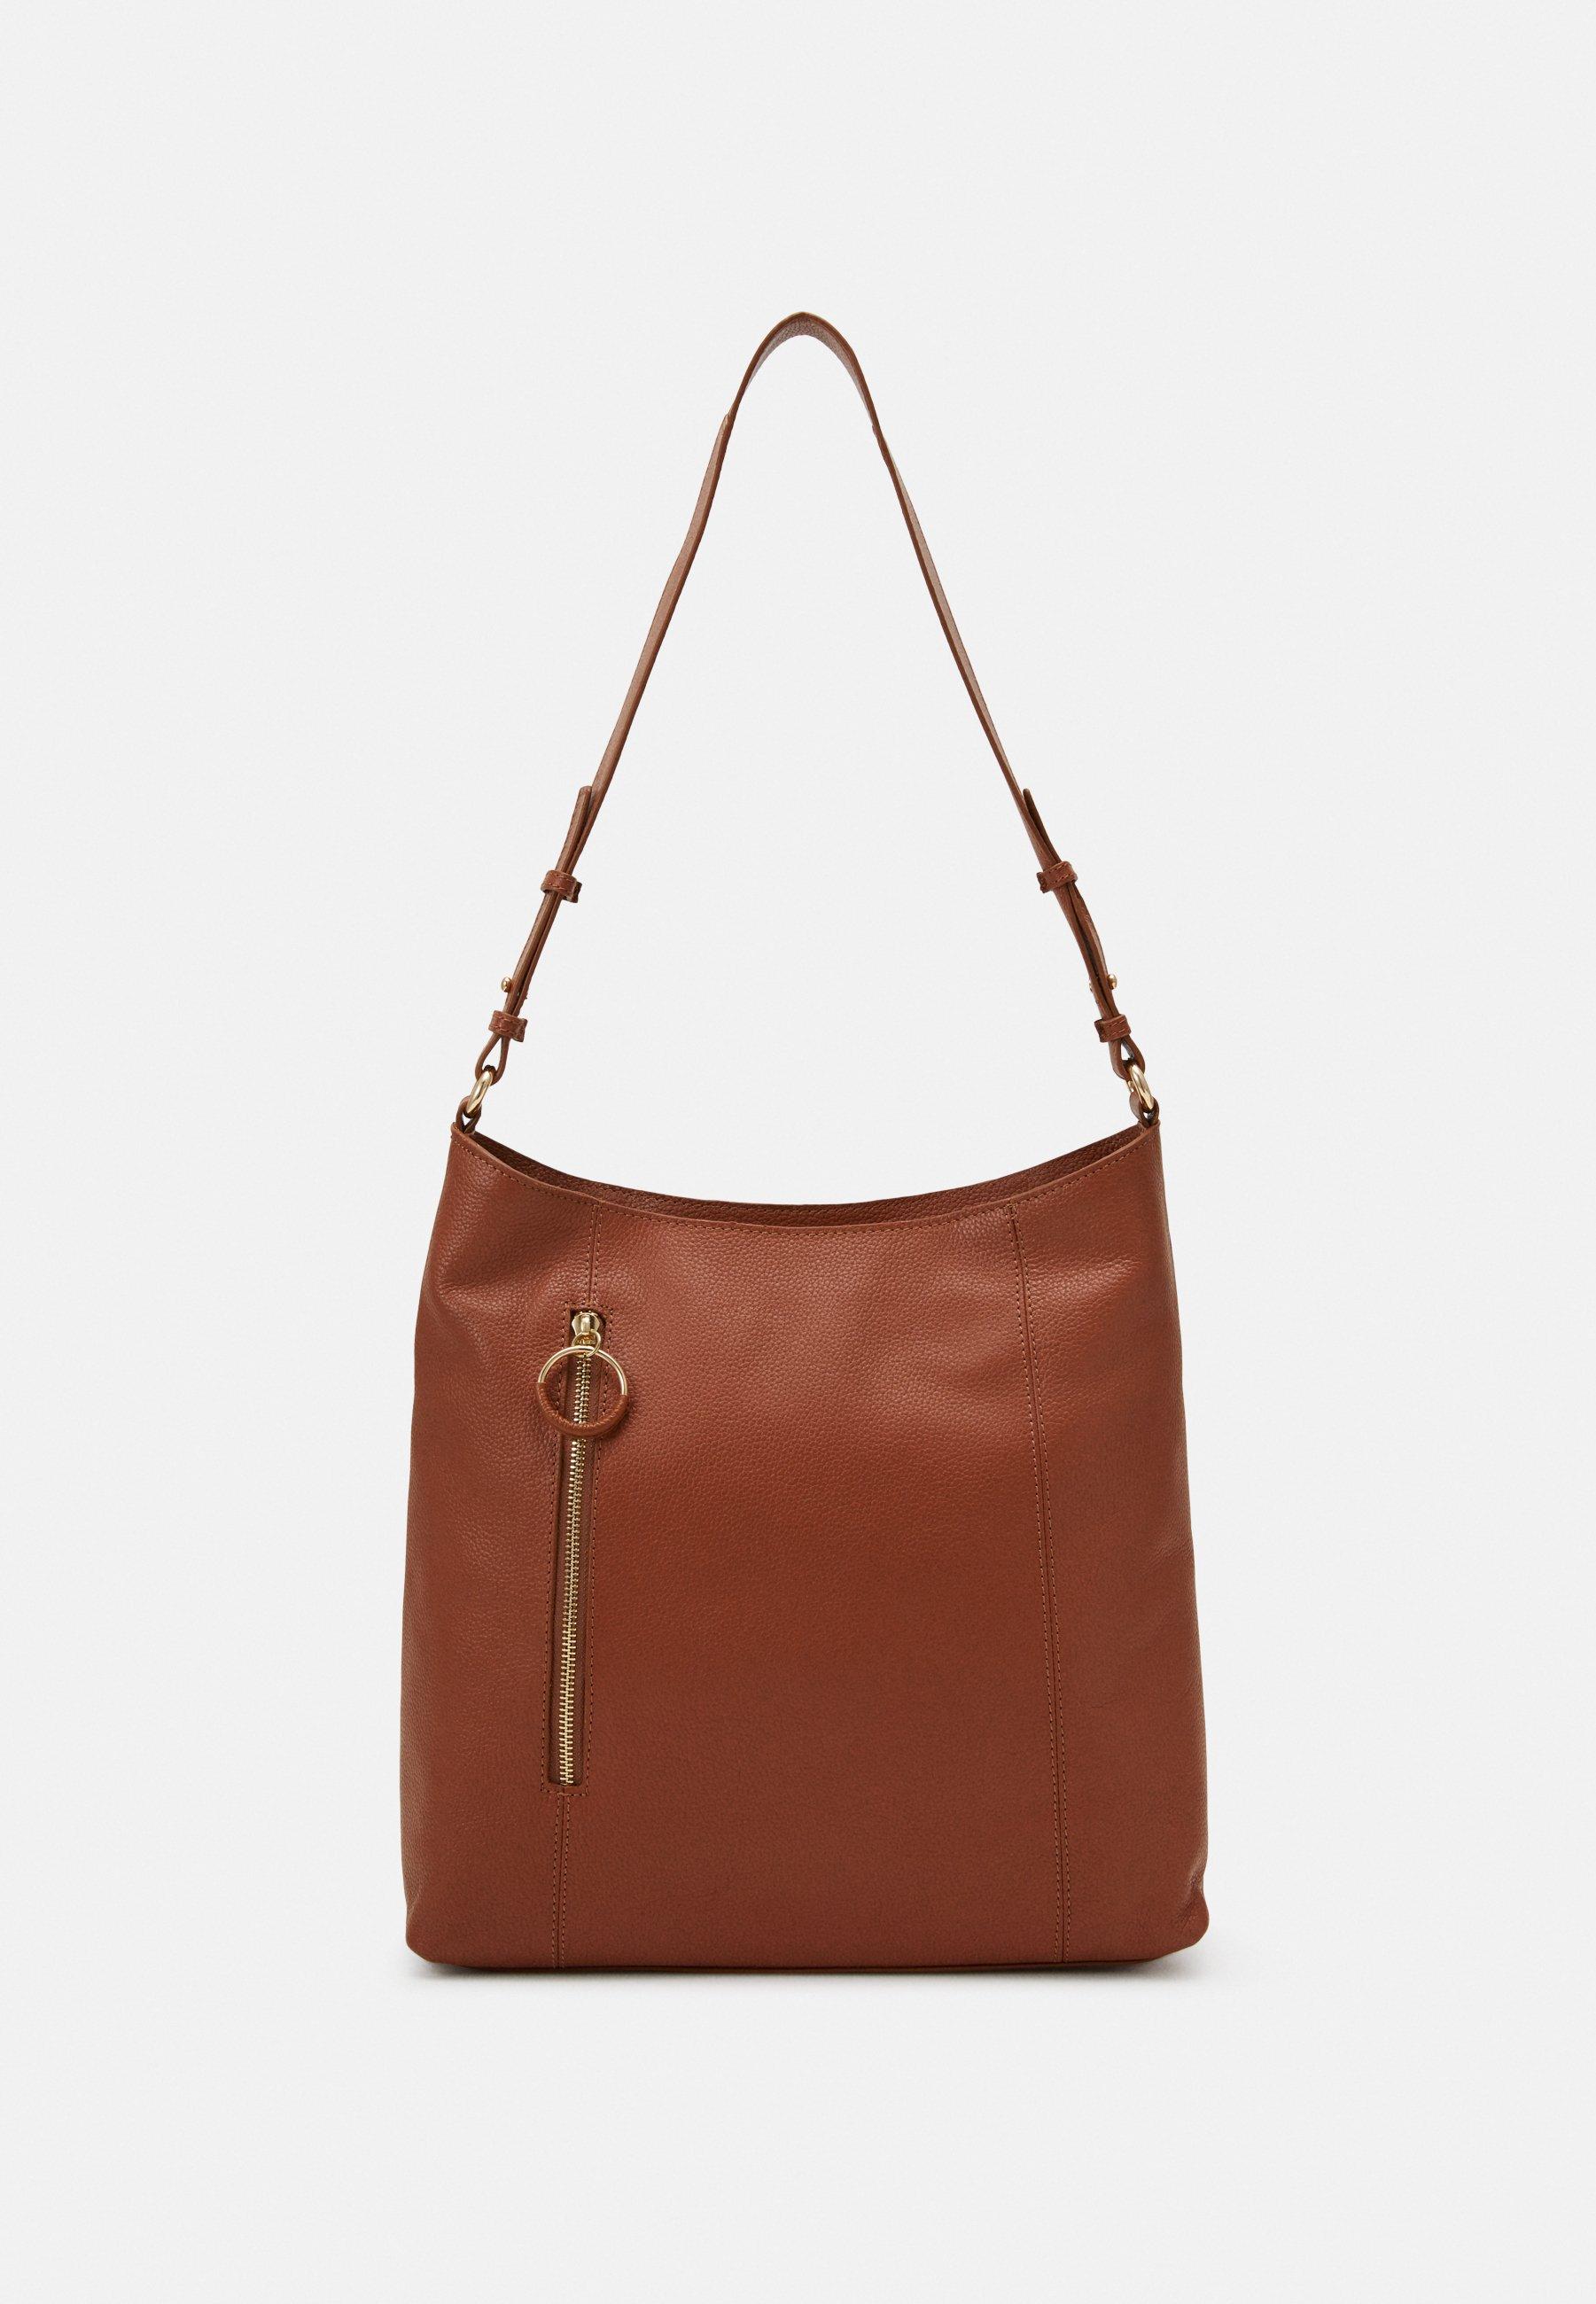 Zign Leather - Handtasche Cognac